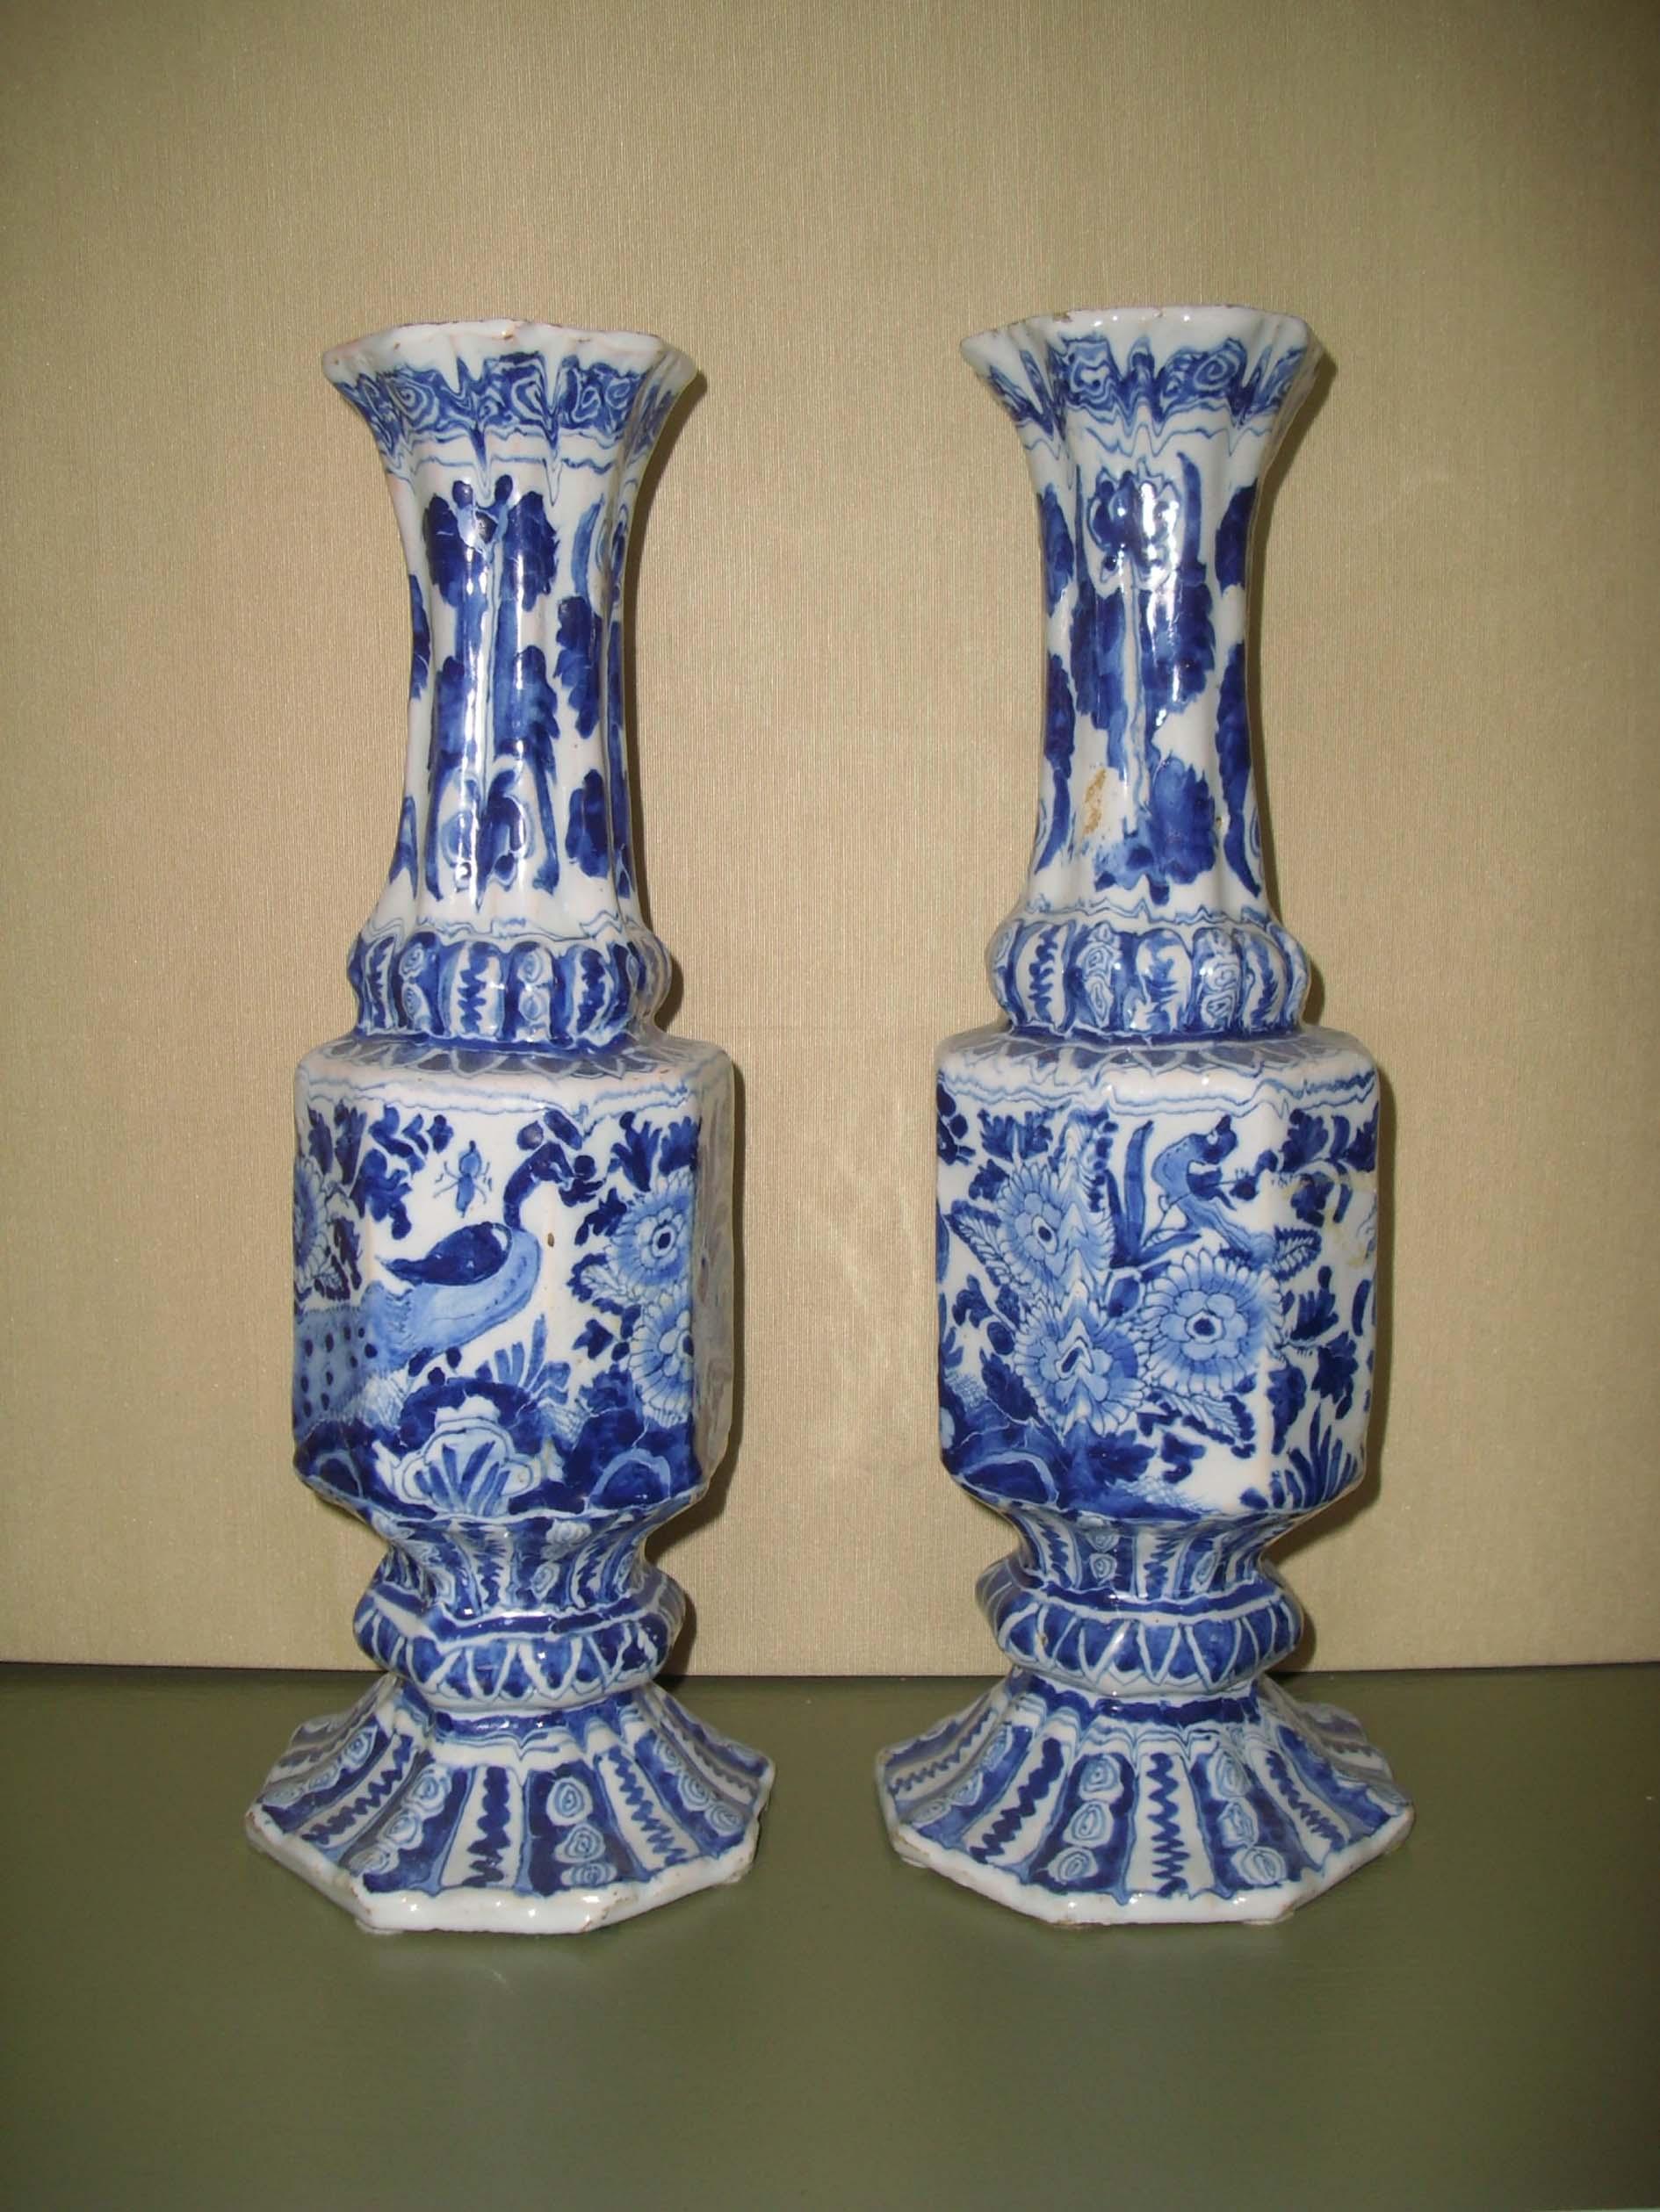 Flötenvase im Delfter Stil, als Paar für 15.000 Euro von Angela von Wallwitz verkauft